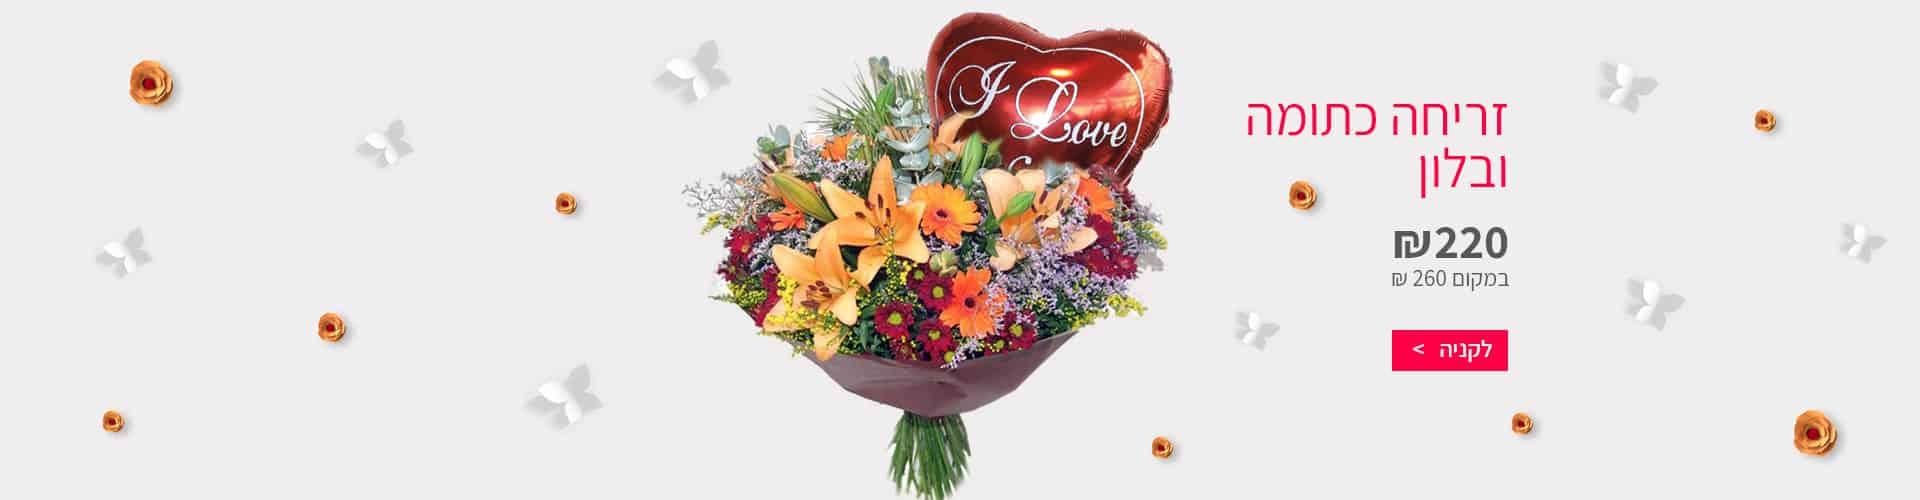 משלוחי פרחים